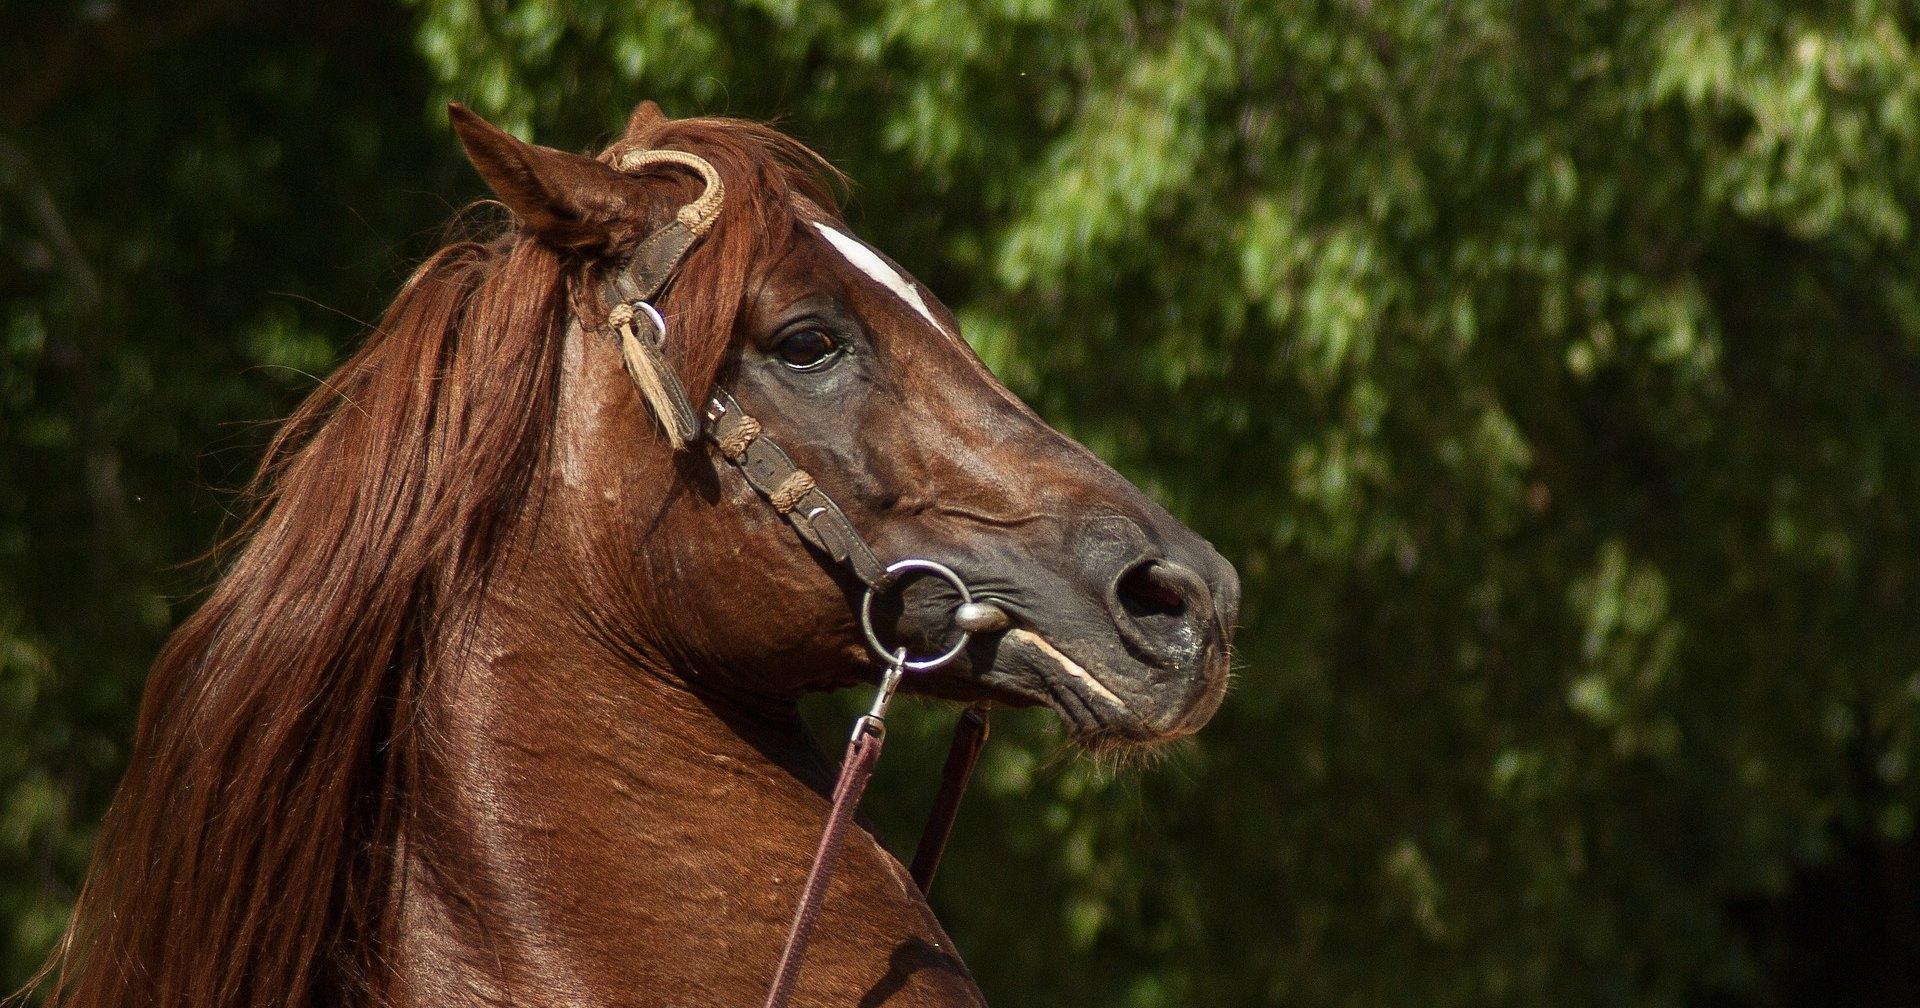 Почему лошади иногда задирают верхнюю губу и застывают в таком положении